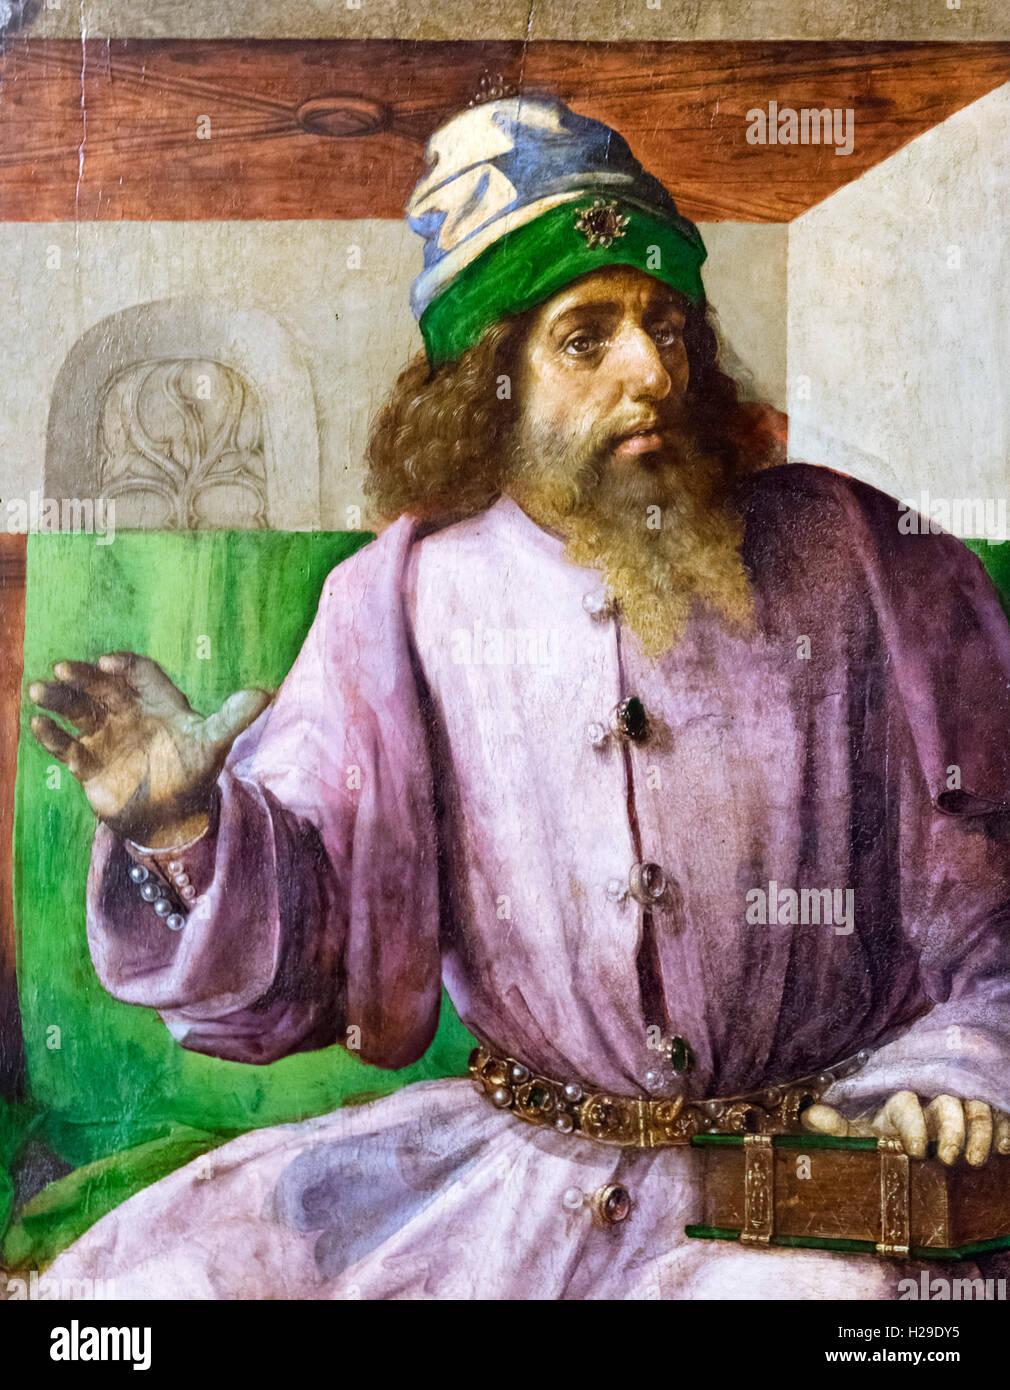 Der Antike griechische Philosoph Aristoteles (384-322 v. Chr.), ein 15.Jh. Gemälde aus der Palazzo Ducale, Stockbild